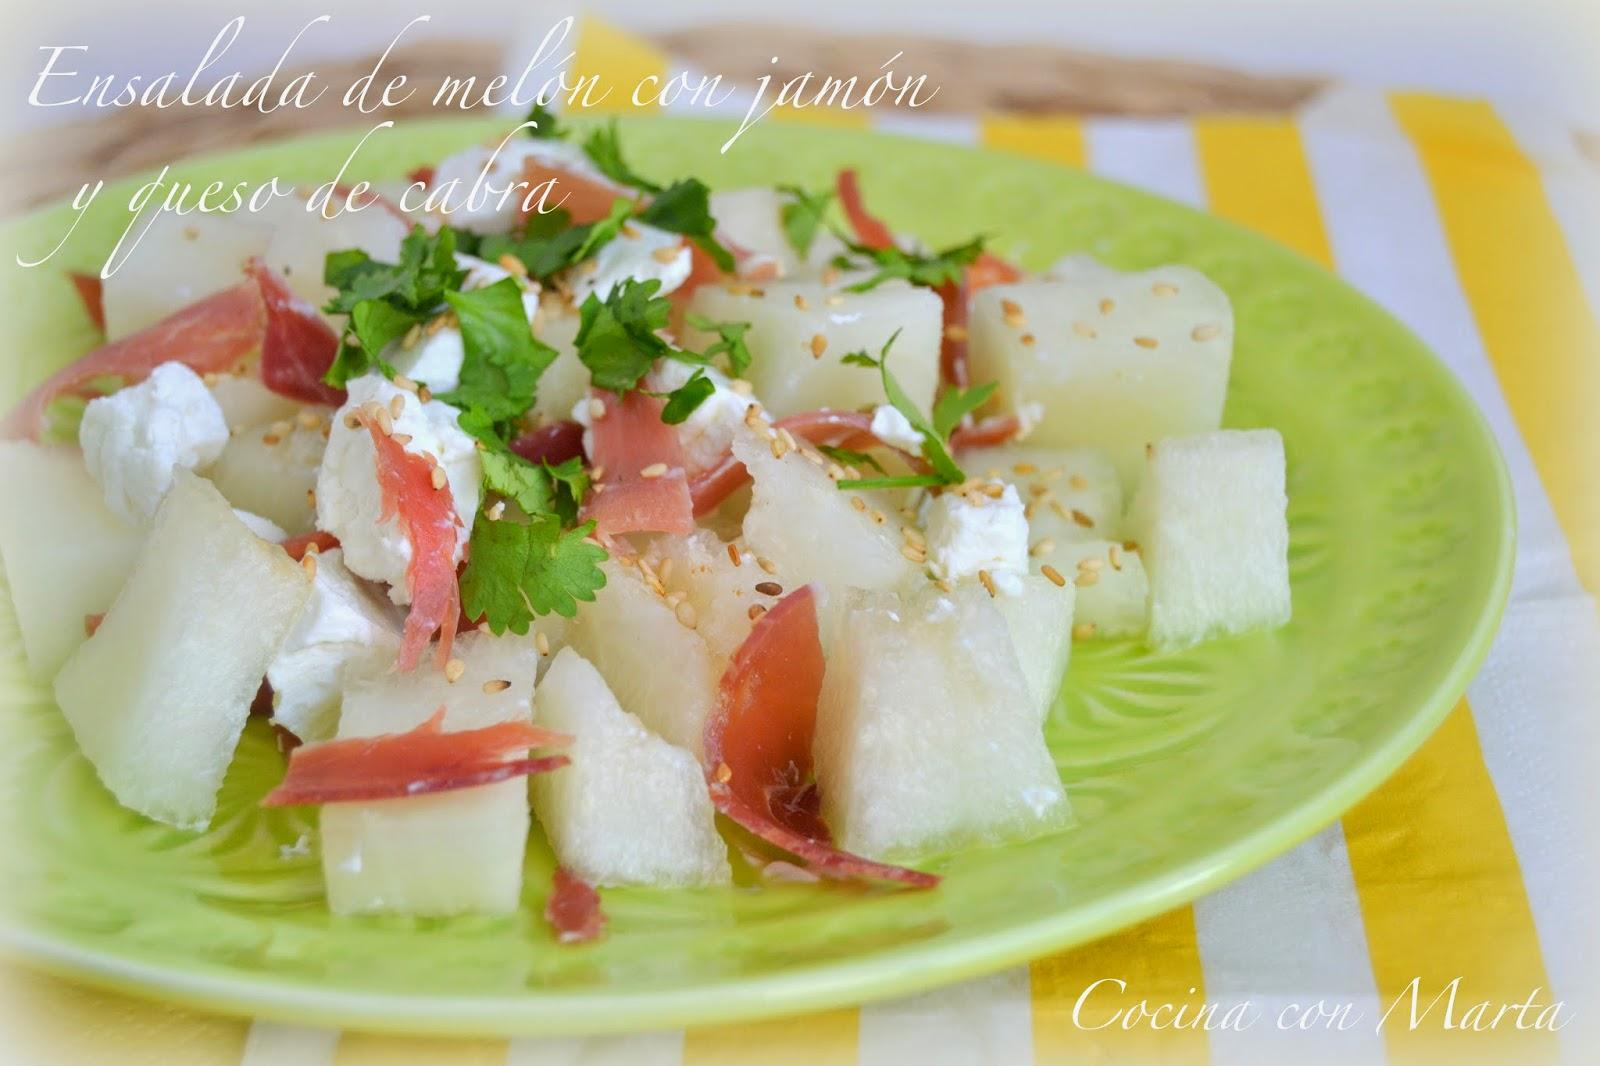 Ensalada de melón con jamón serrano y queso de cabra fresco. Receta ligera, sana y casera.